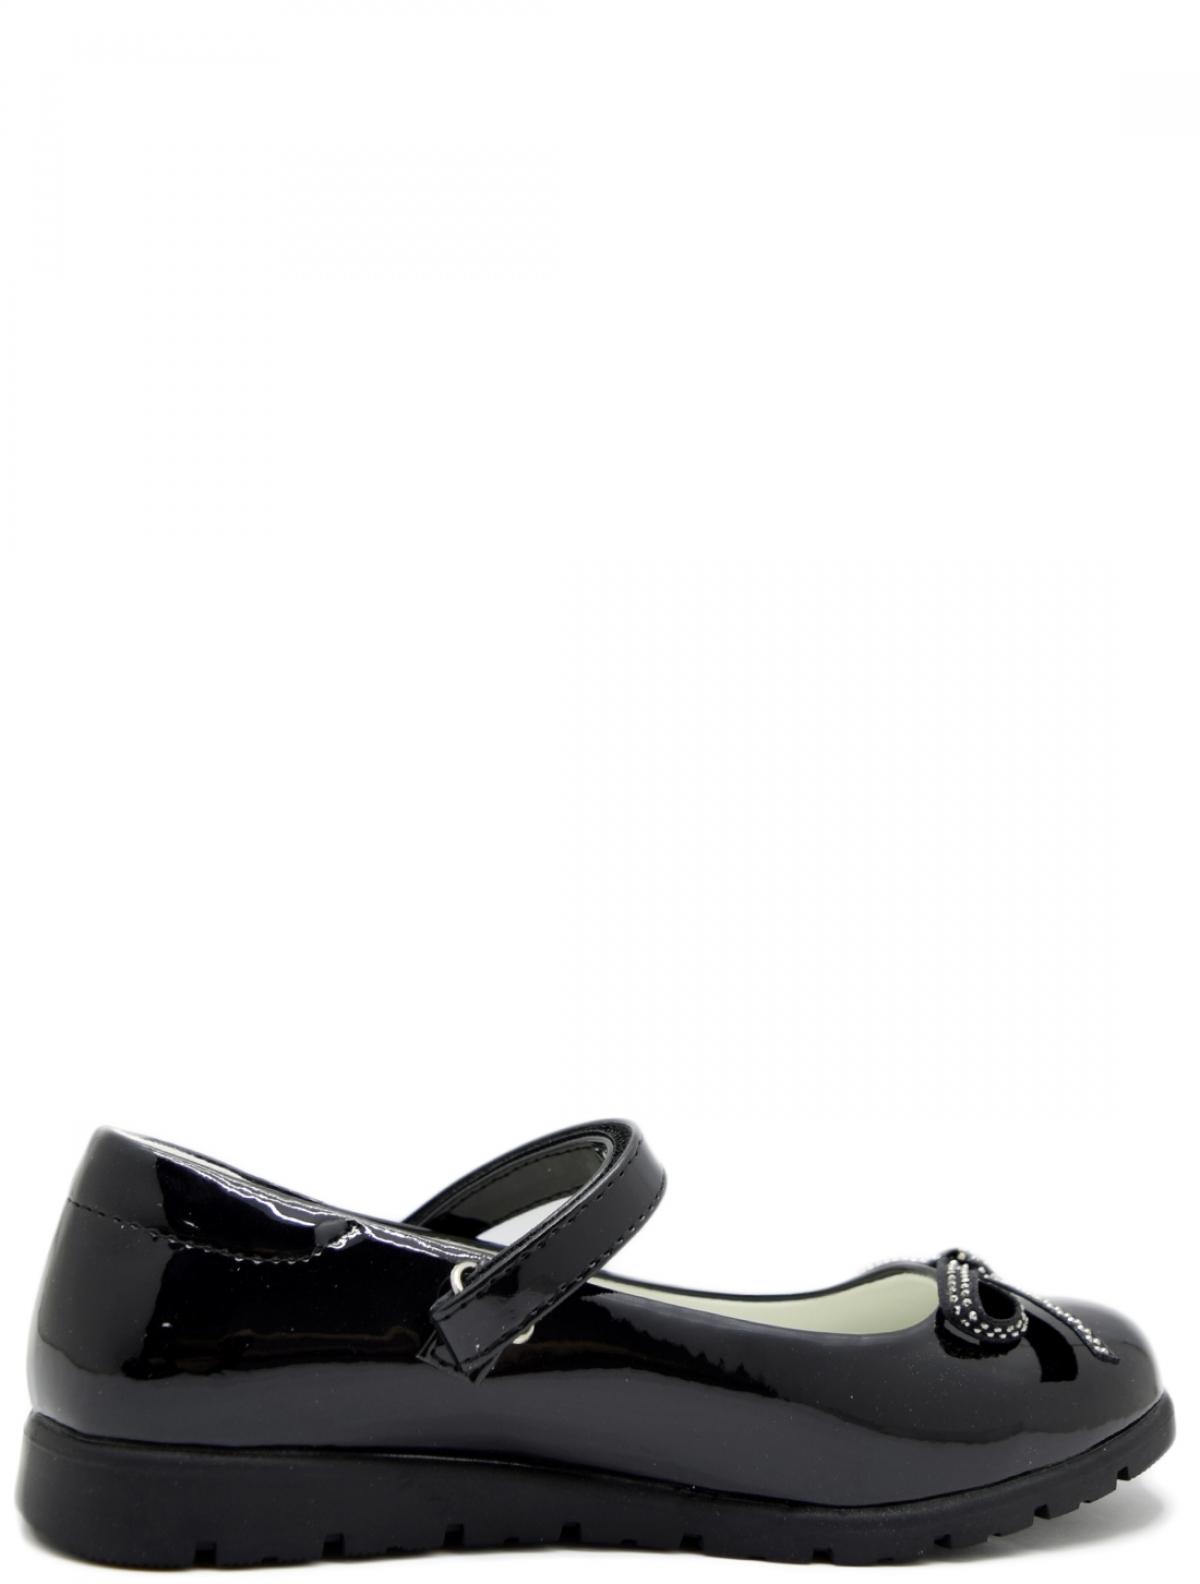 Сказка R528934321-1 детские туфли